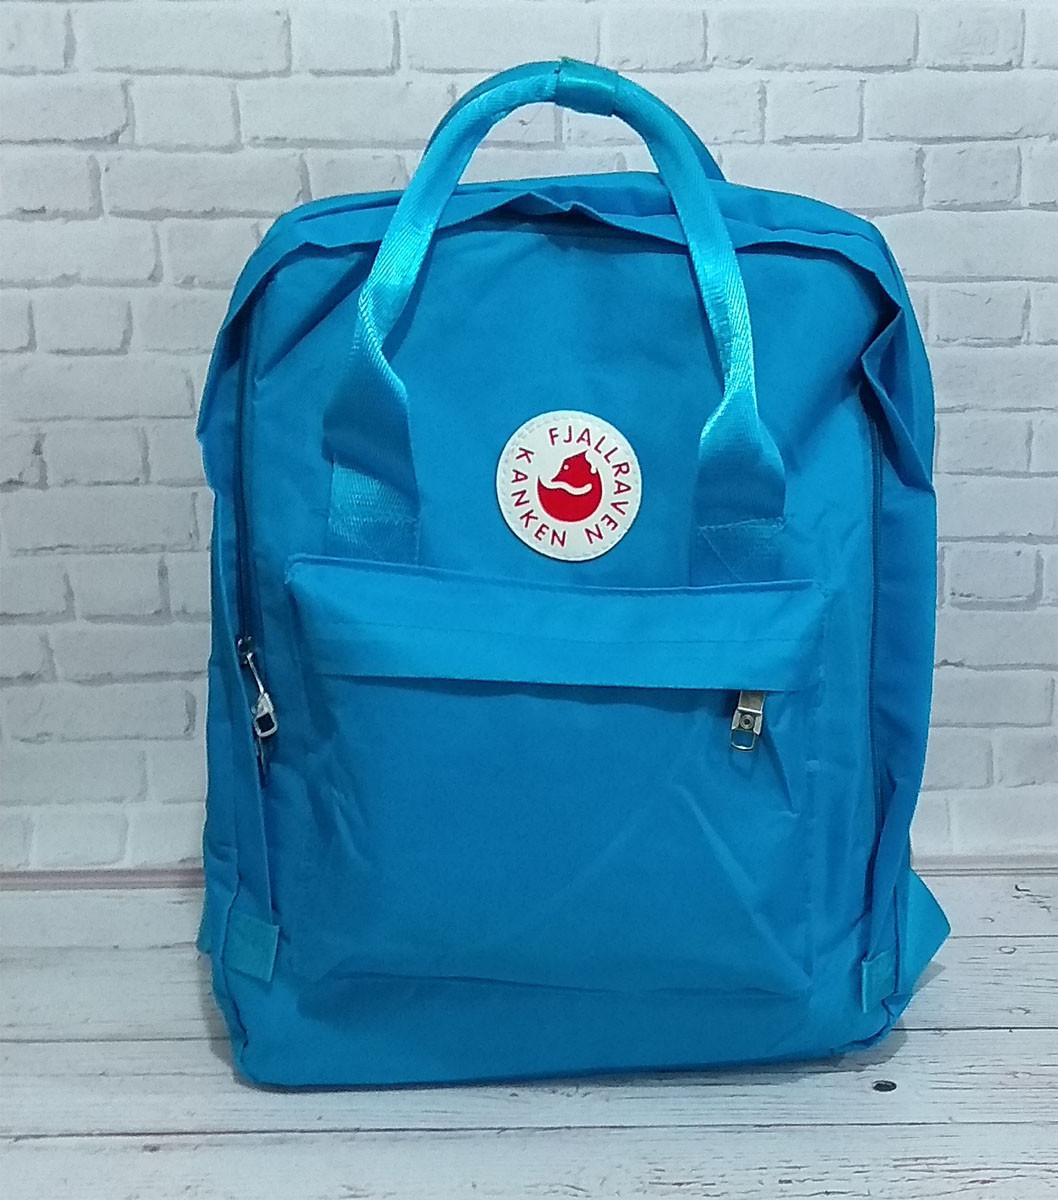 Стильный рюкзак Fjallraven Kanken, канкен с отделением для ноутбука. Голубой / 8850 blue, фото 1